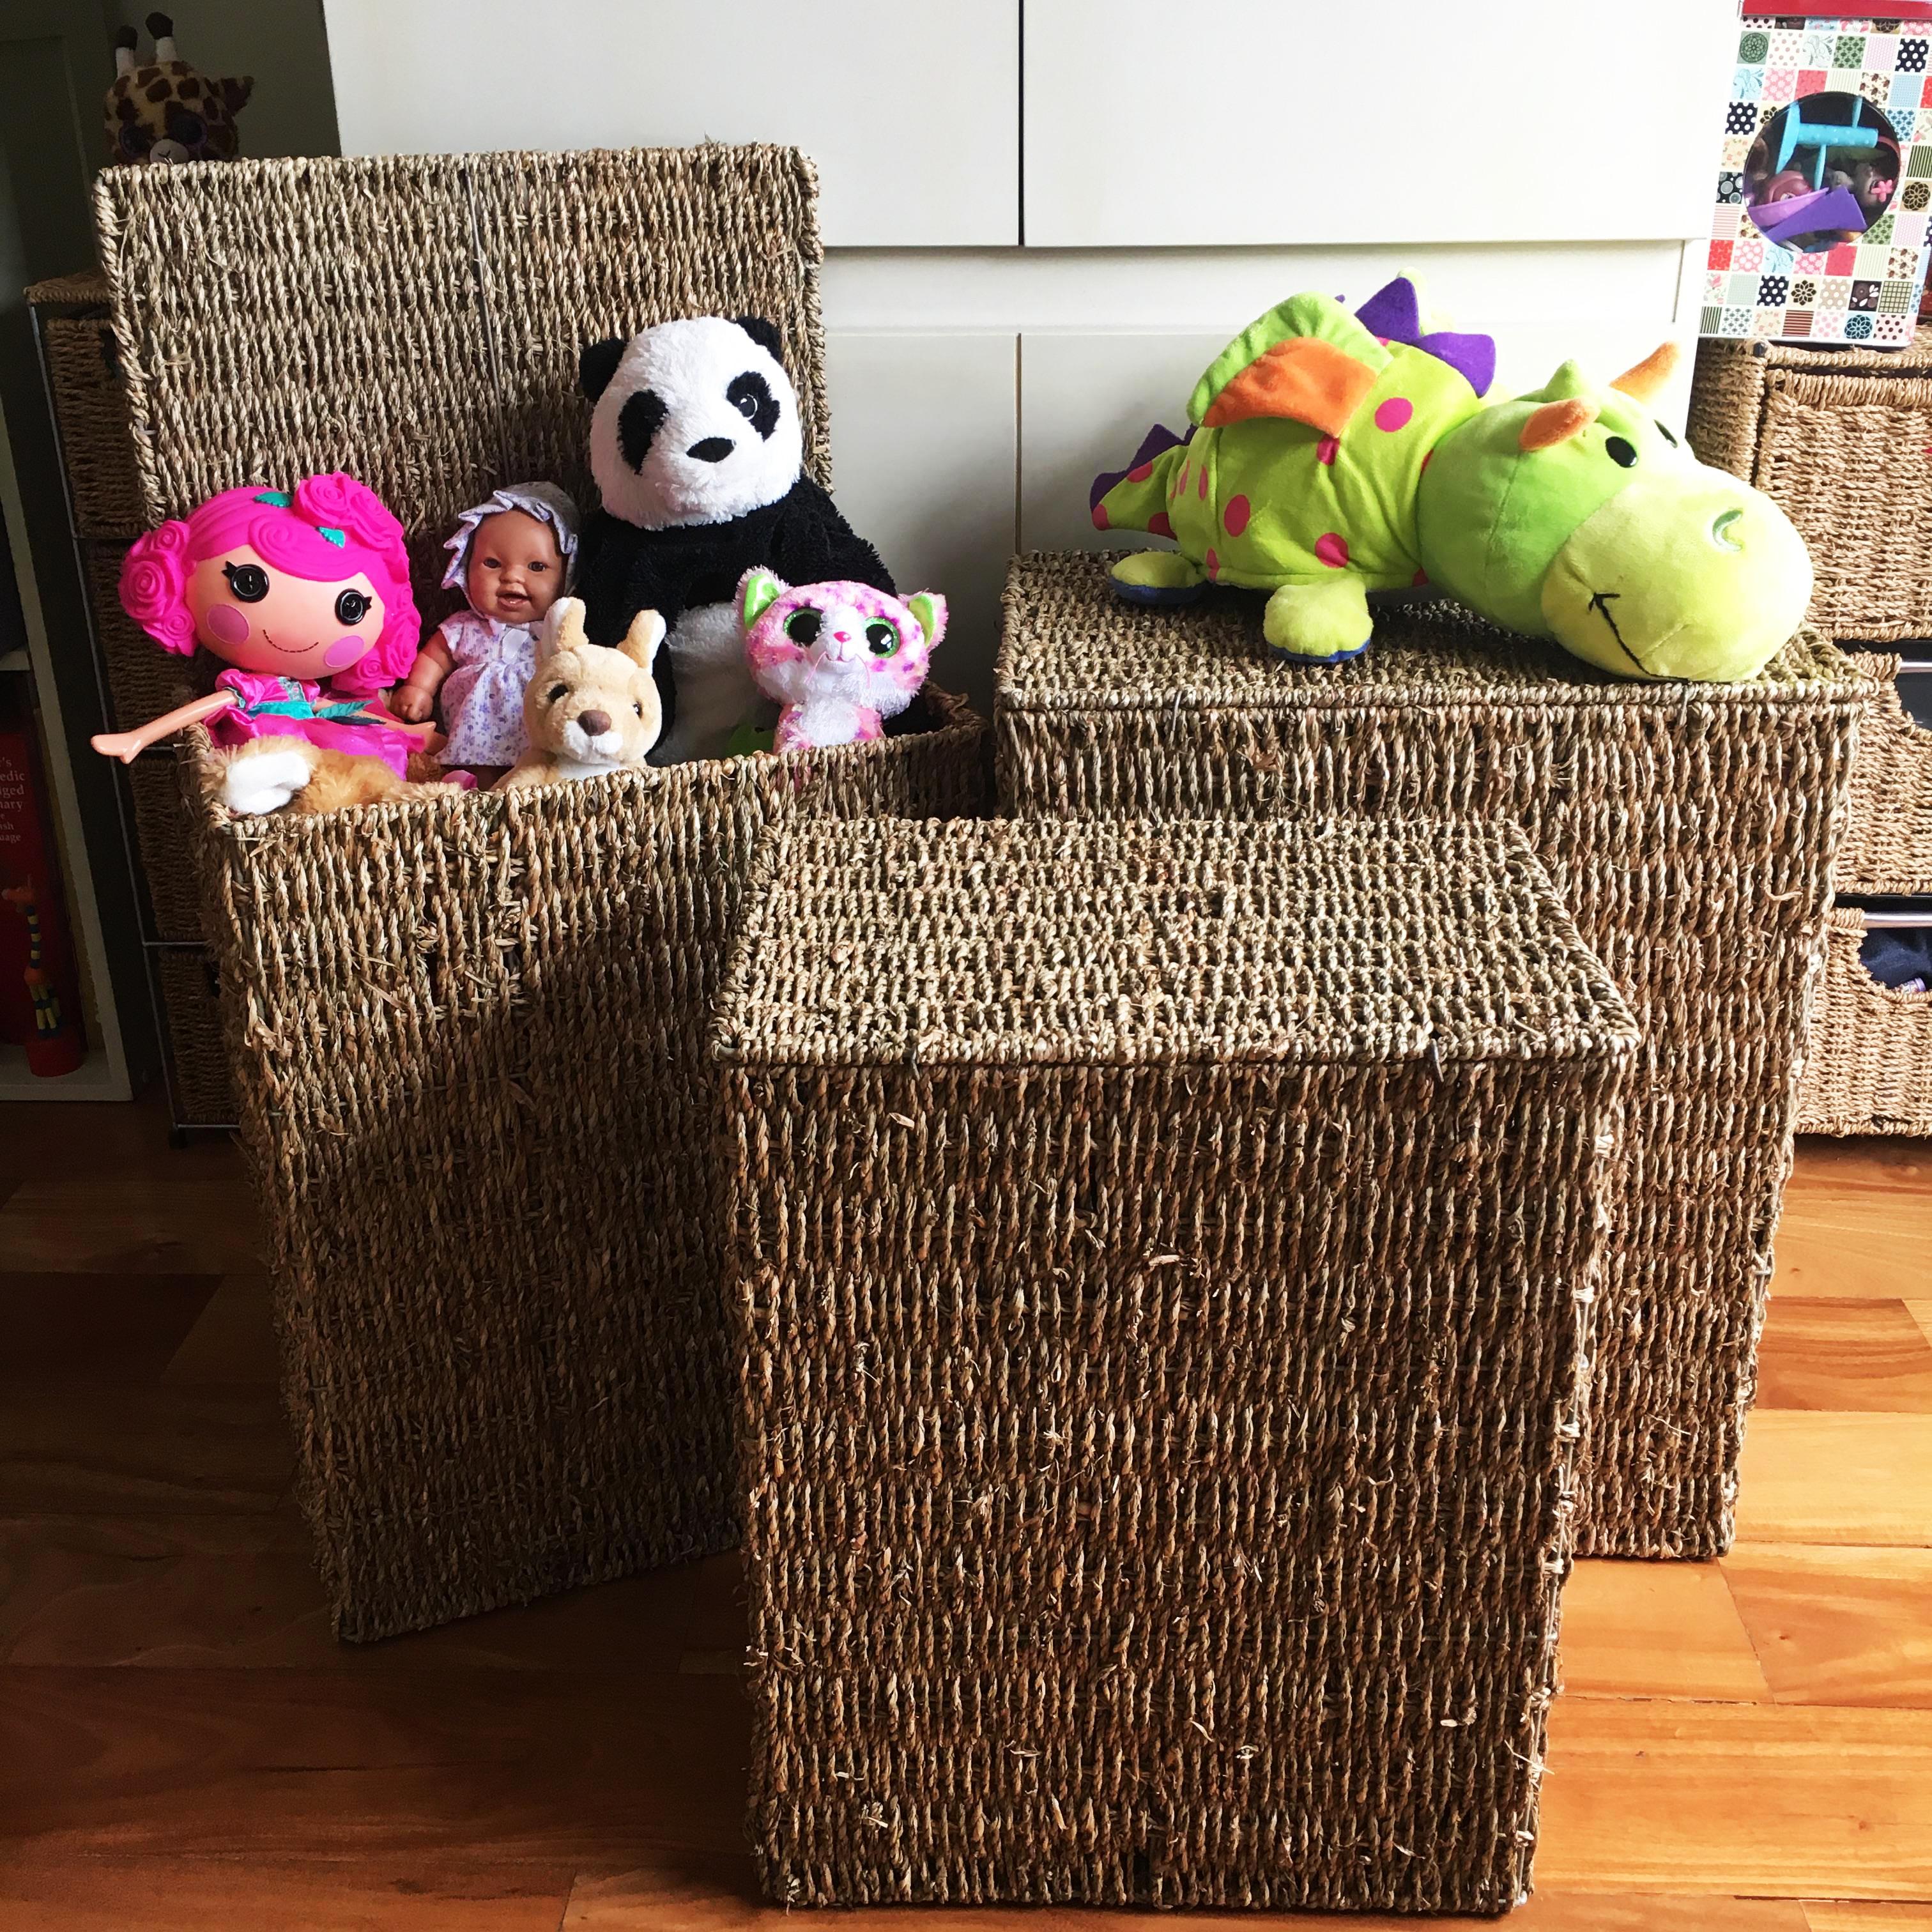 laun set toys2